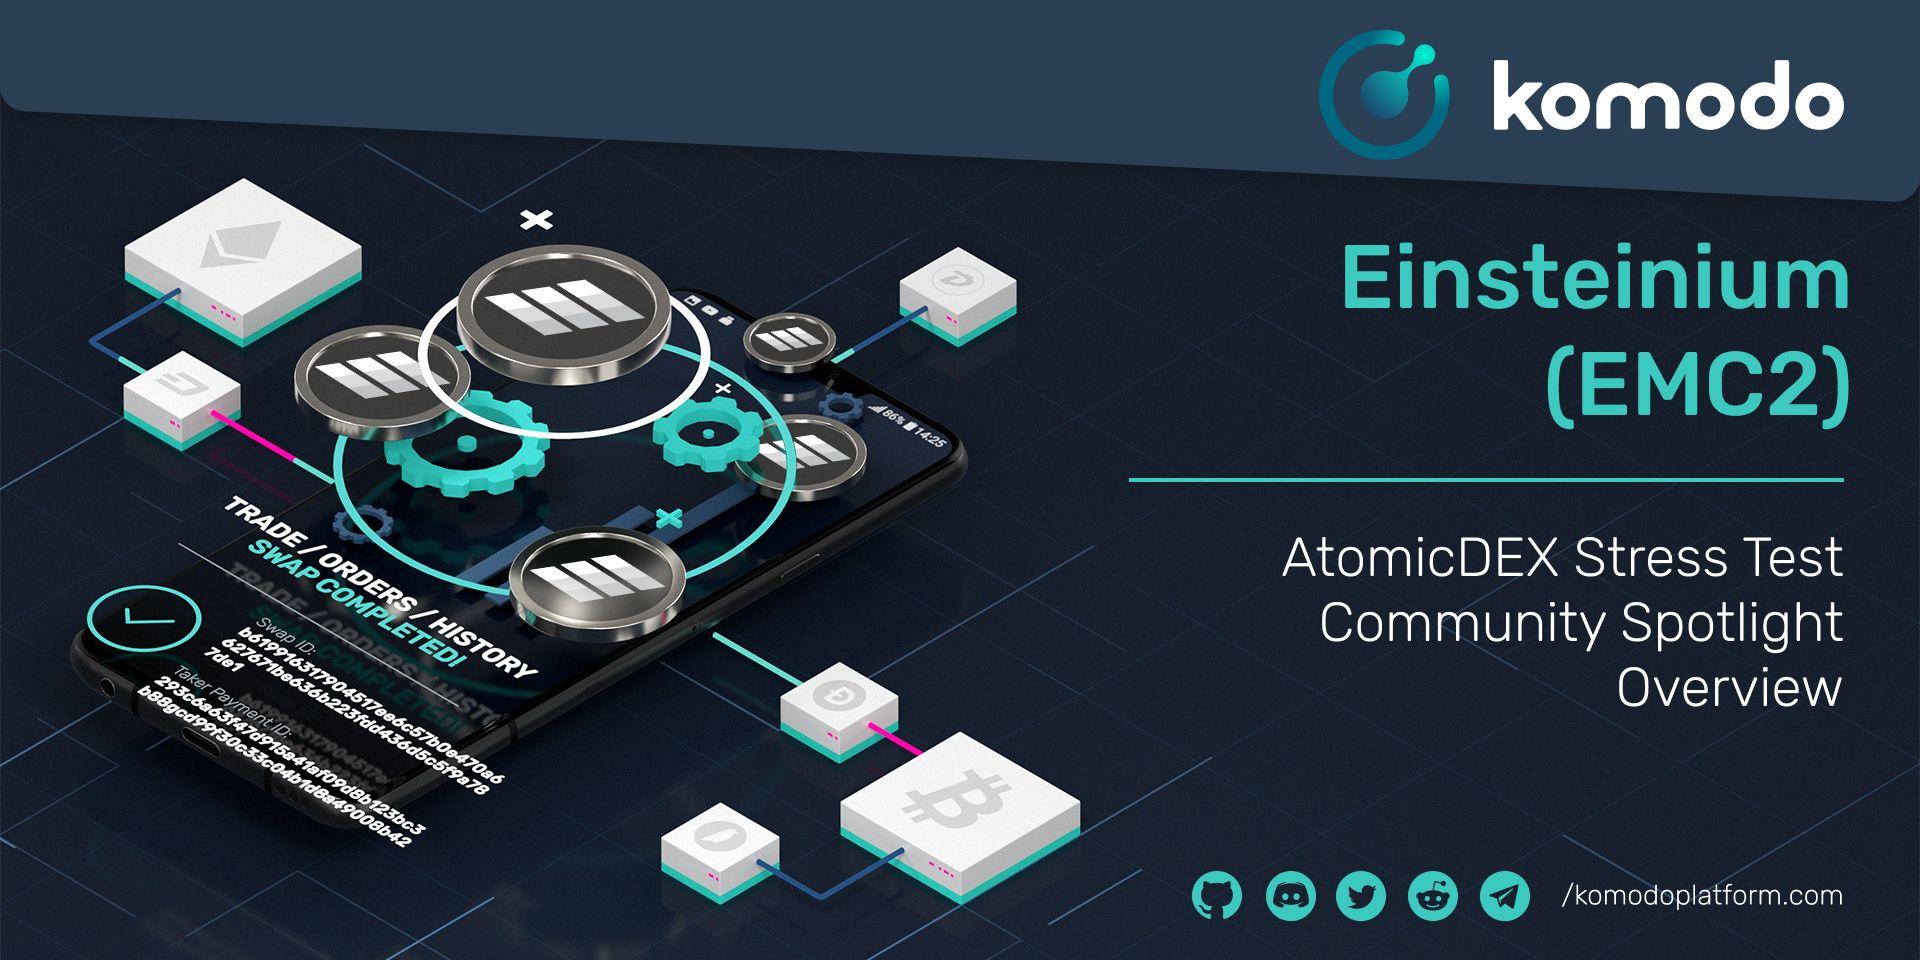 Einsteinium Community Spotlight - AtomicDEX Stress Test